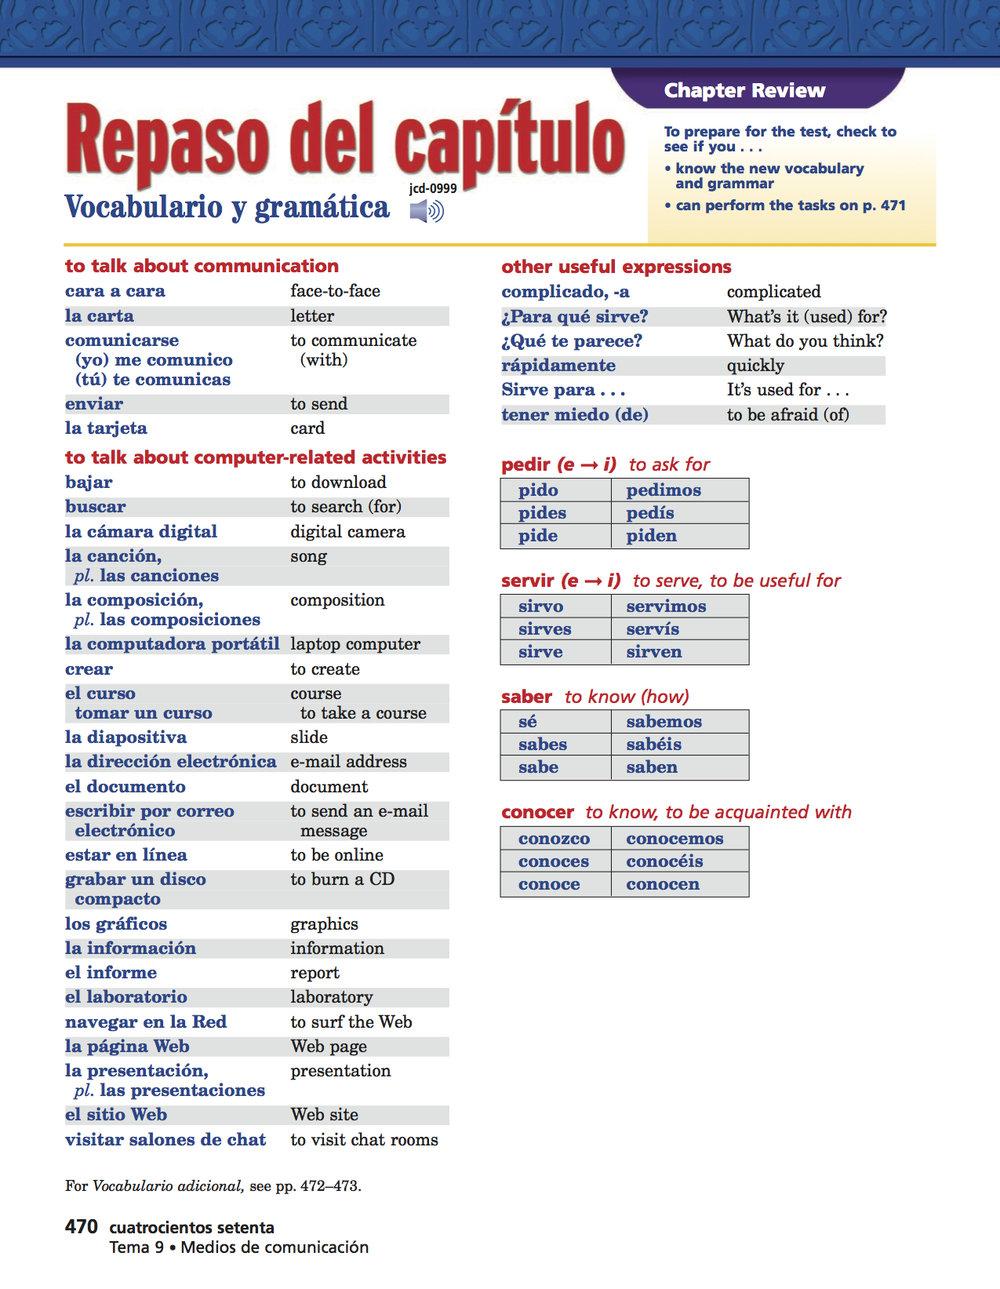 L1_Capitulo_9B copia.jpg